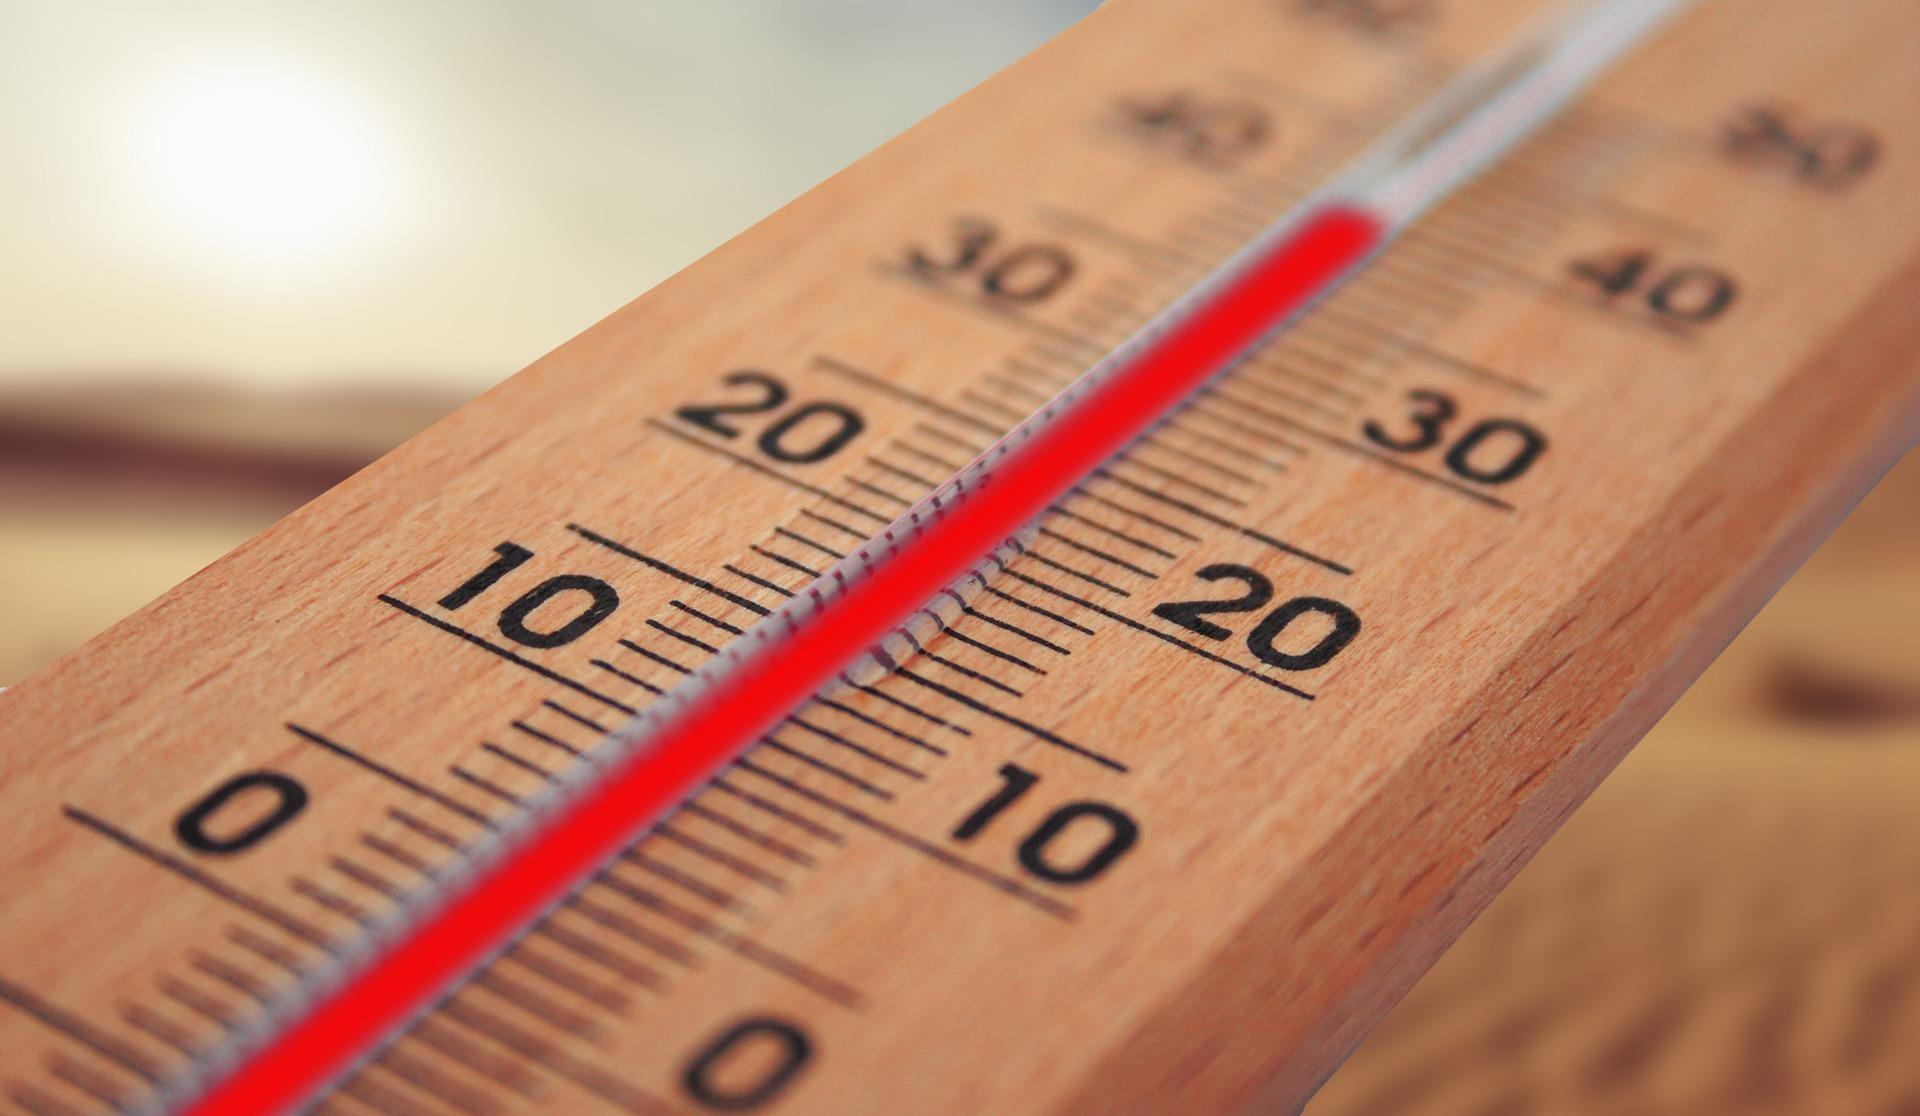 Ein Thermometer, das knapp 40 Grad Aussentemperatur anzeigt.